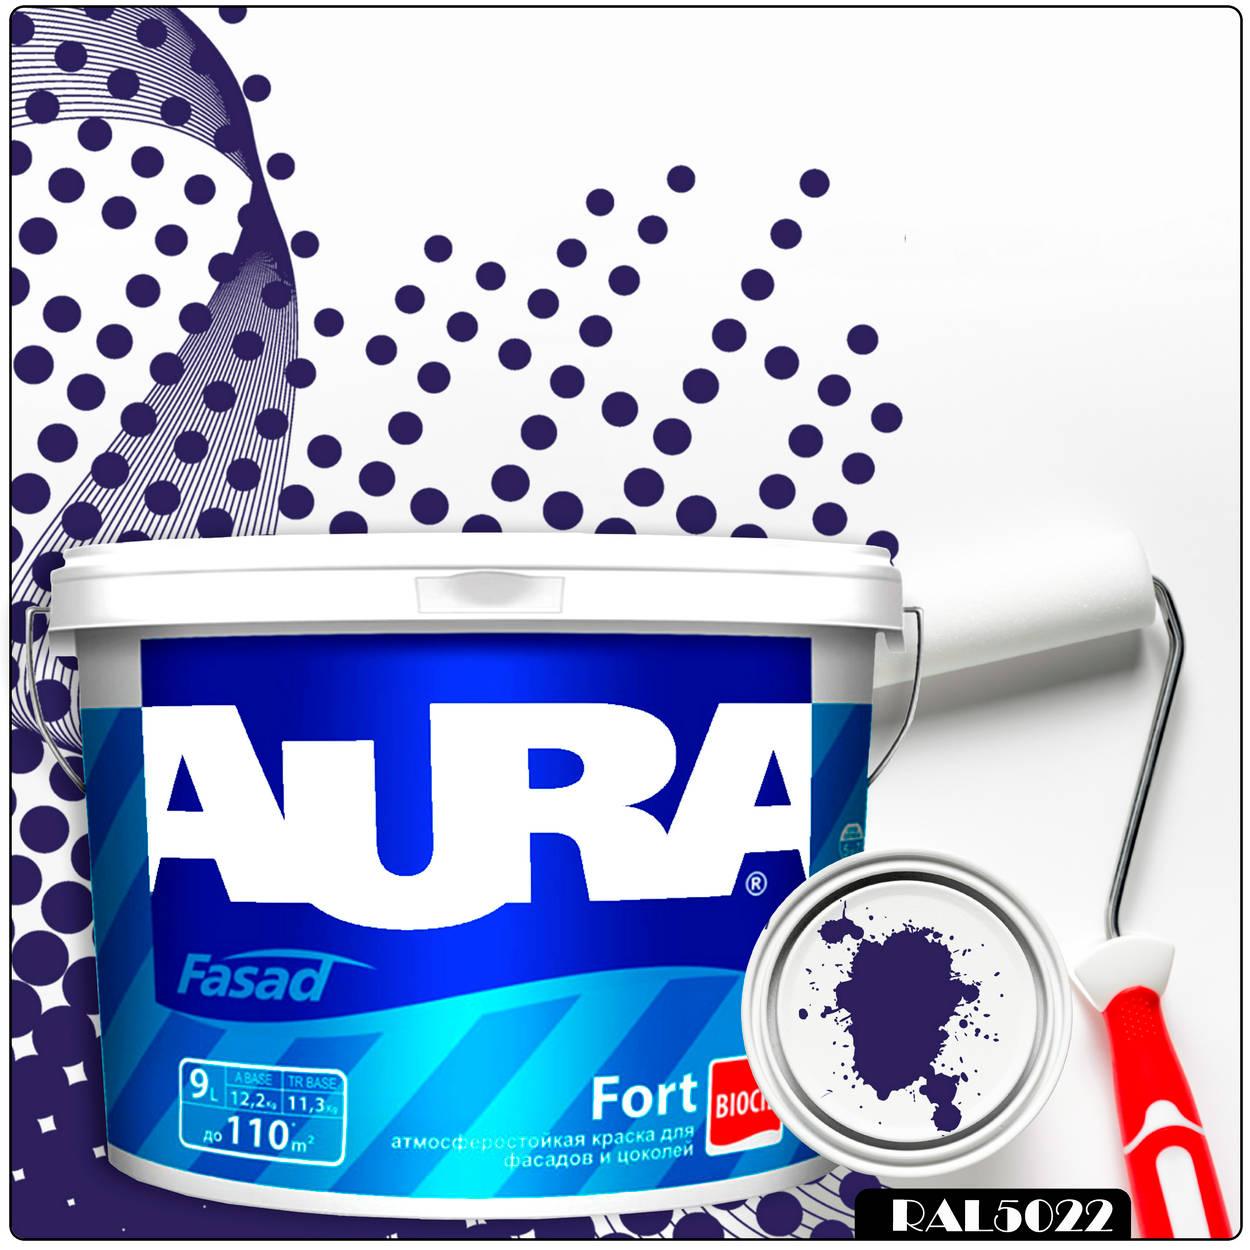 Фото 21 - Краска Aura Fasad Fort, RAL 5022 Ночной синий, латексная, матовая, для фасада и цоколей, 9л, Аура.